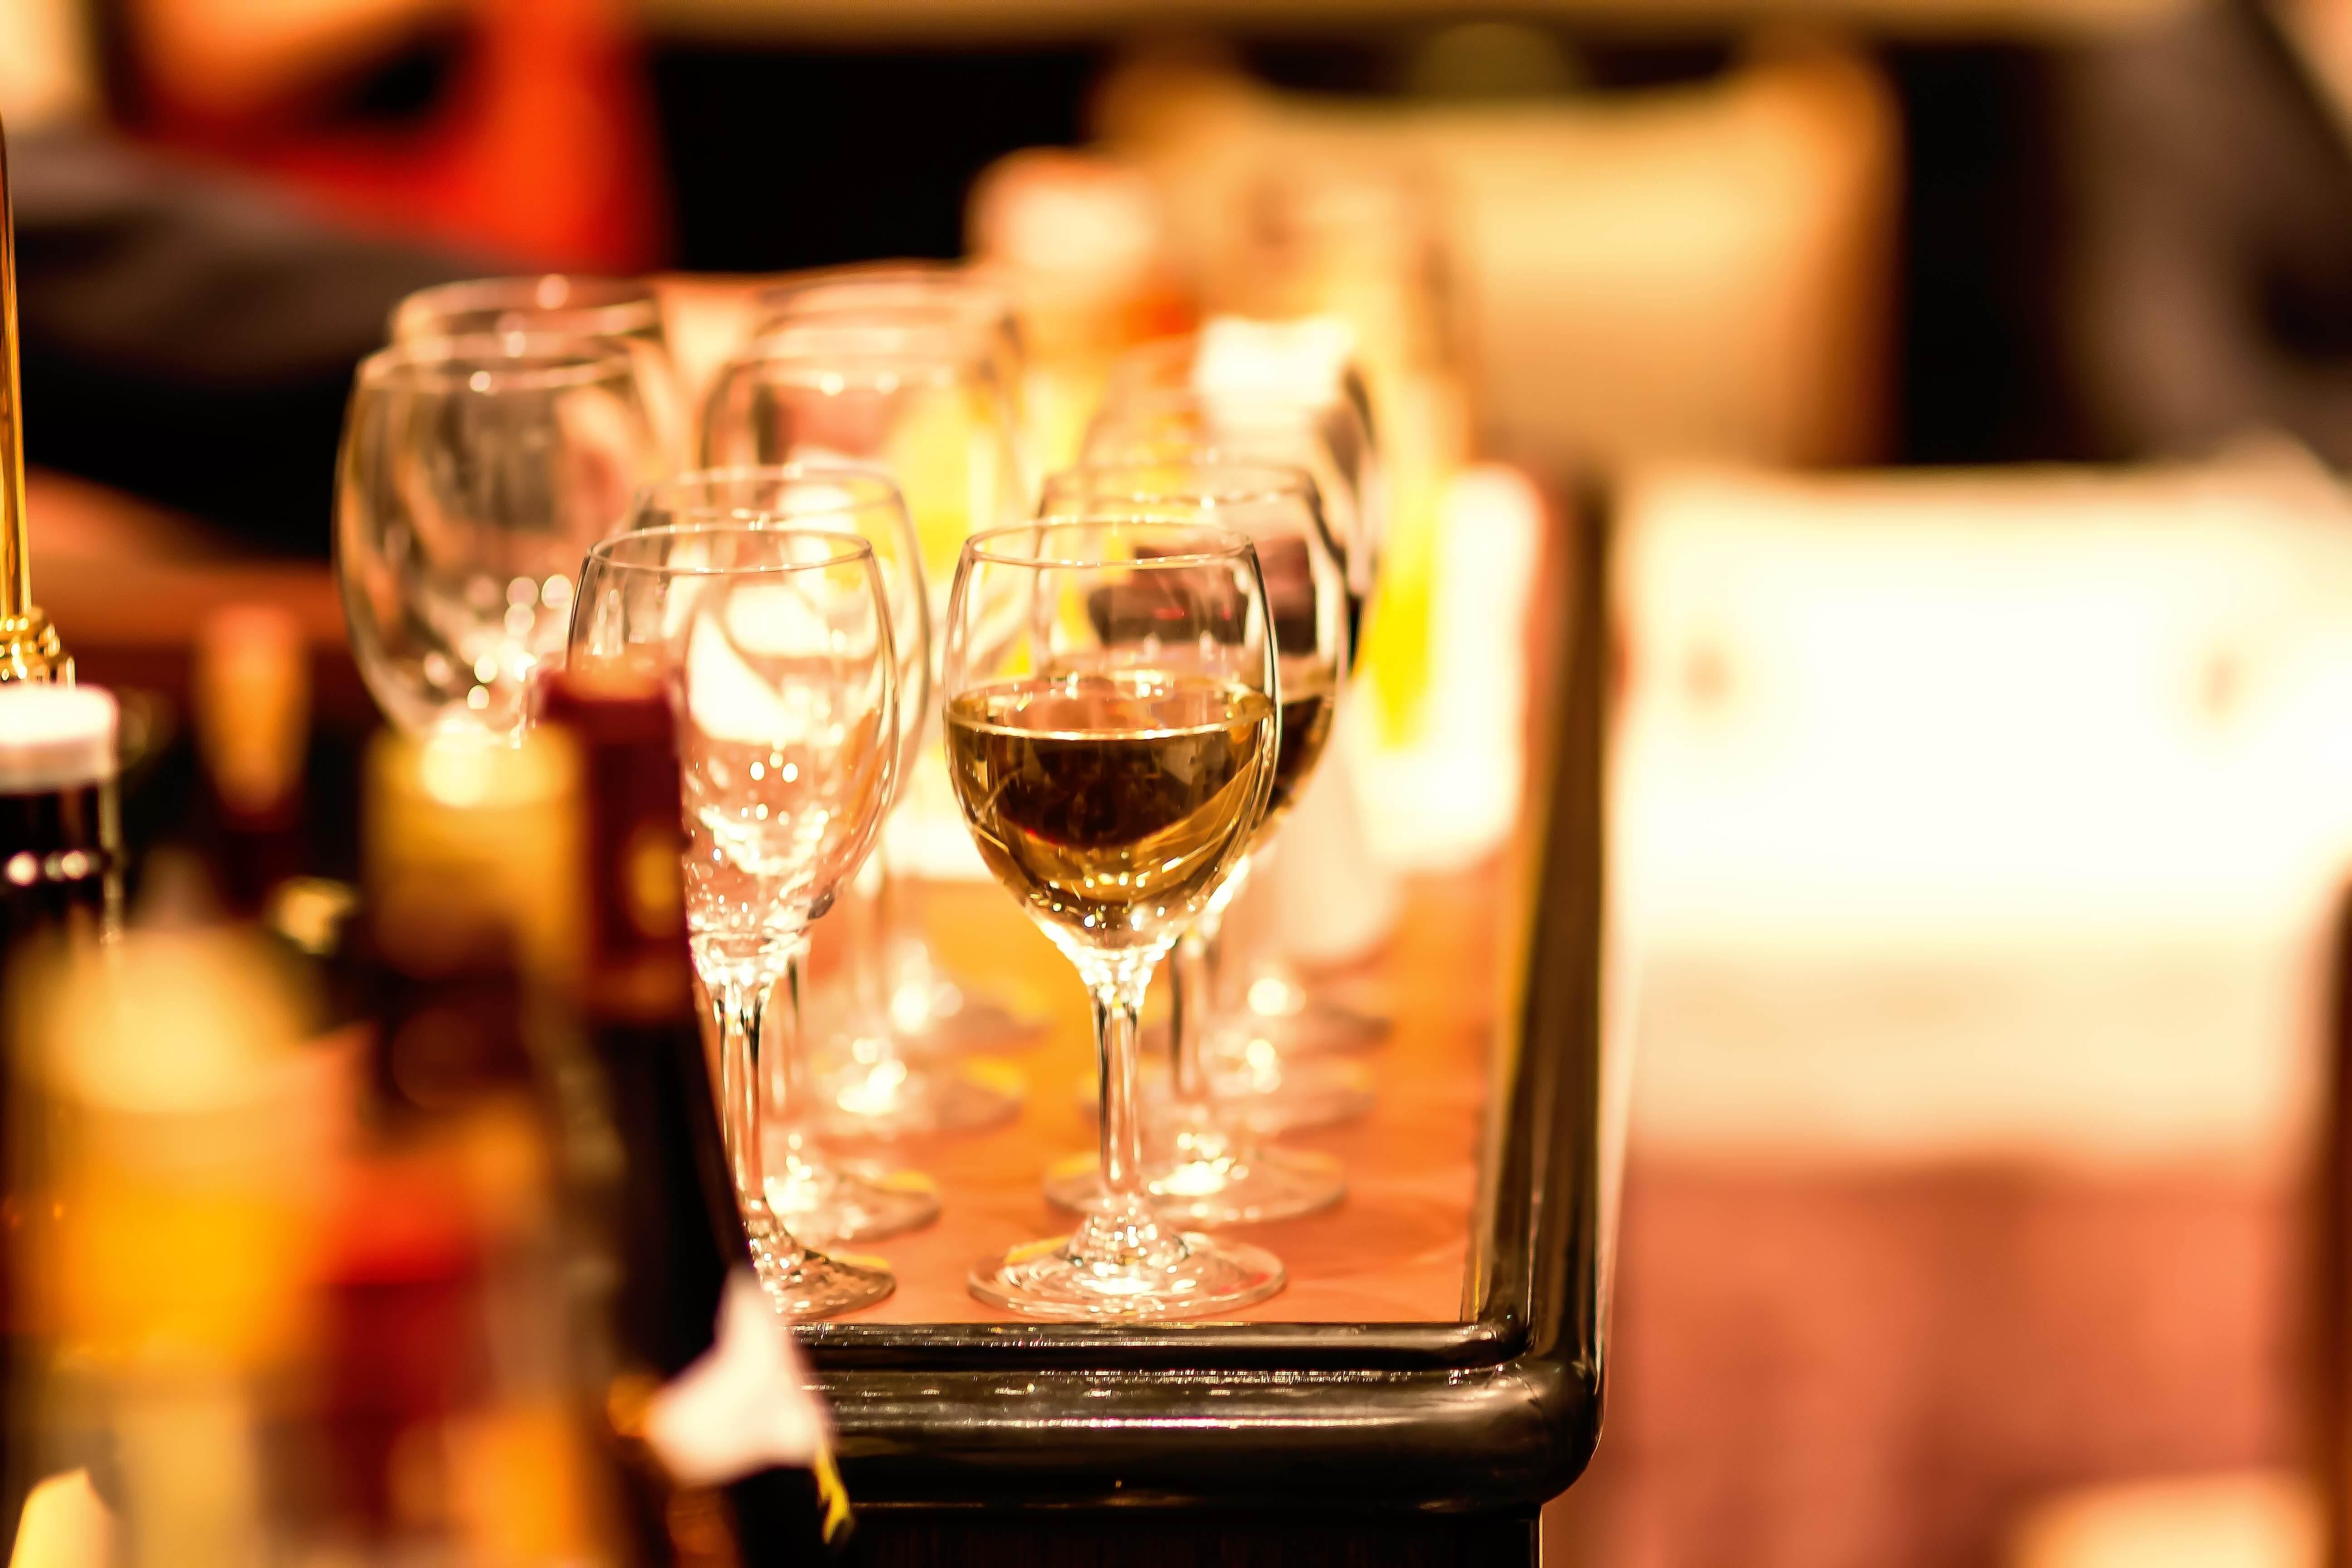 ワインの嗜み方のワインの画像